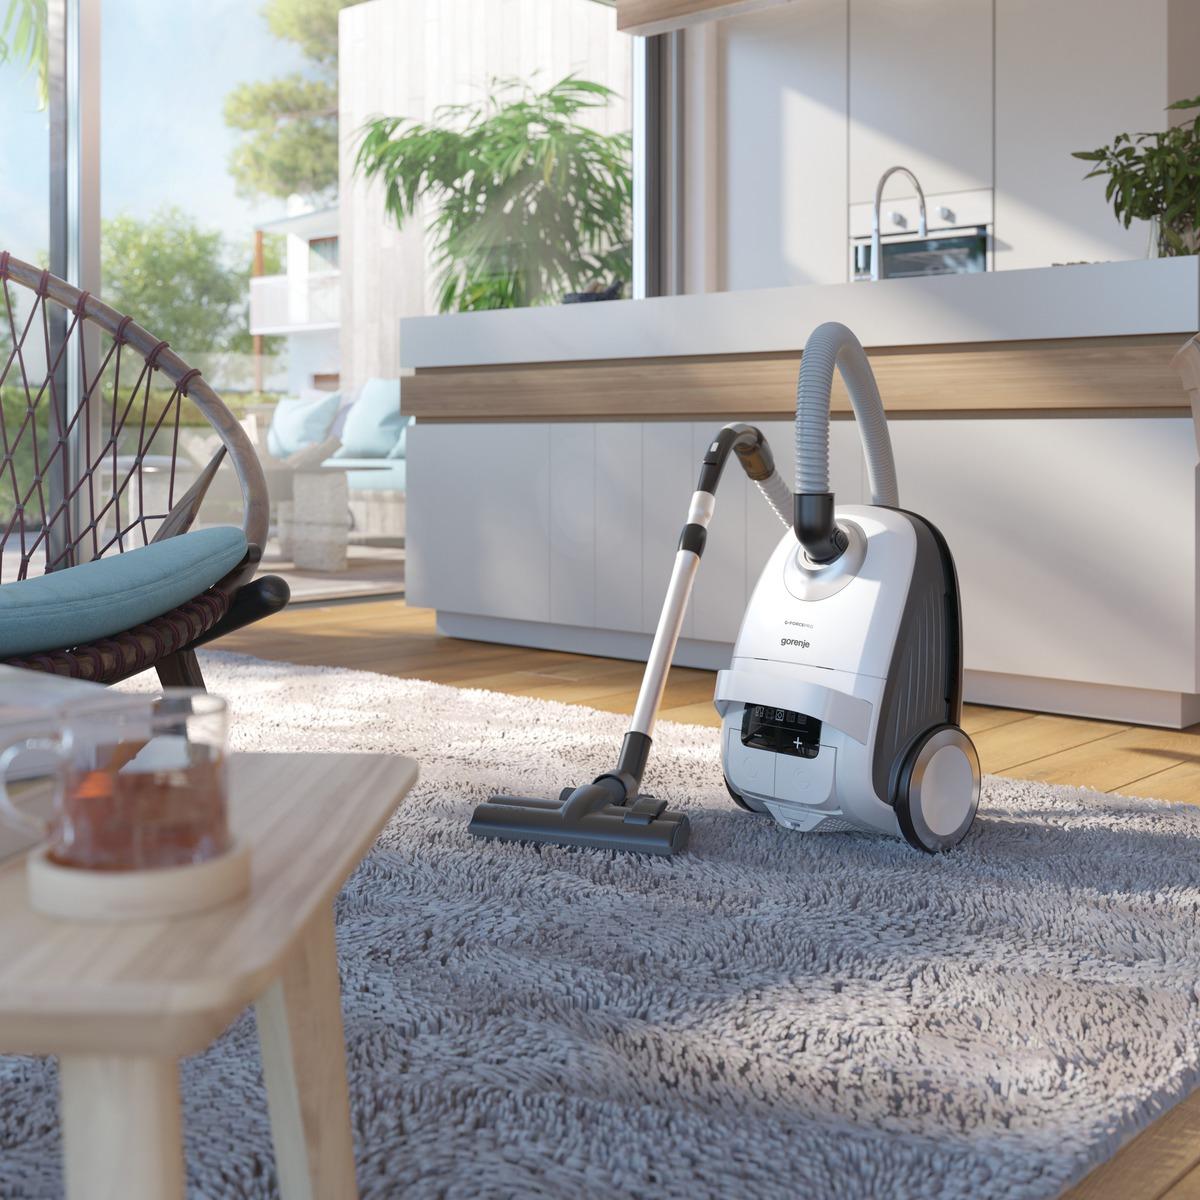 ТОП-10 пылесосов Hoover: рейтинг популярных моделей + рекомендации покупателям